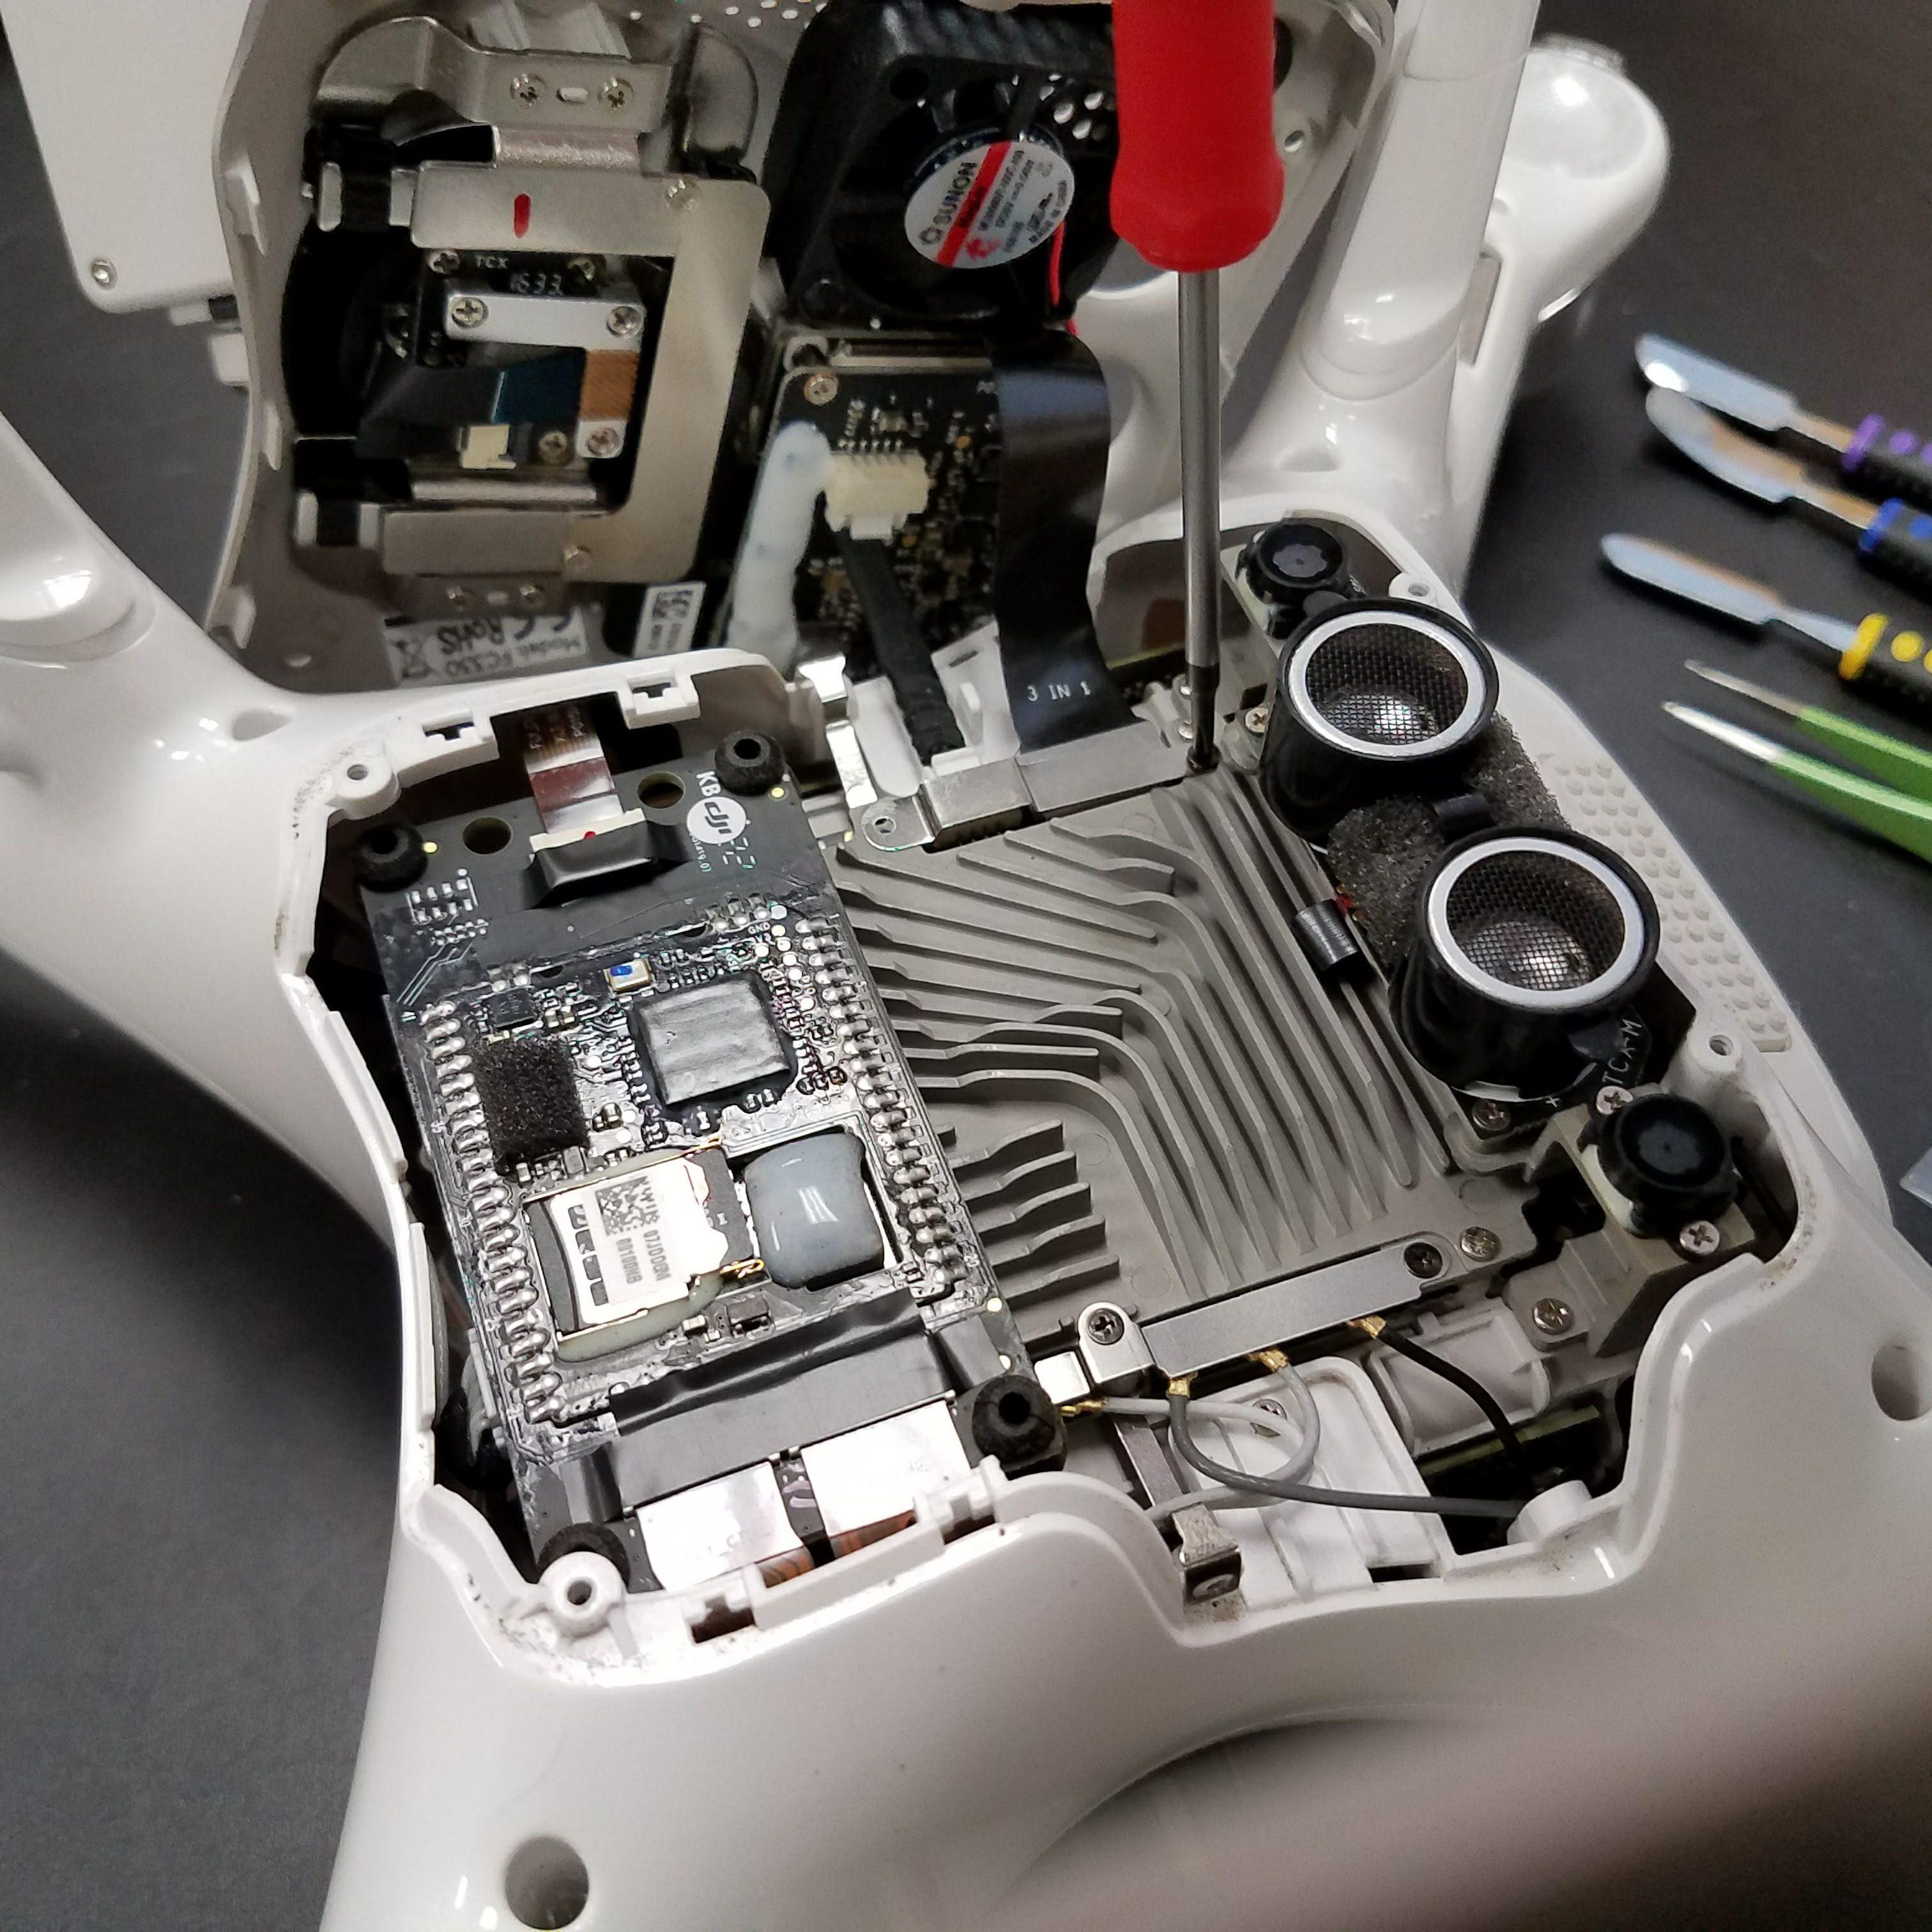 Drone Repair & Upgrades. All DJI drone repairs